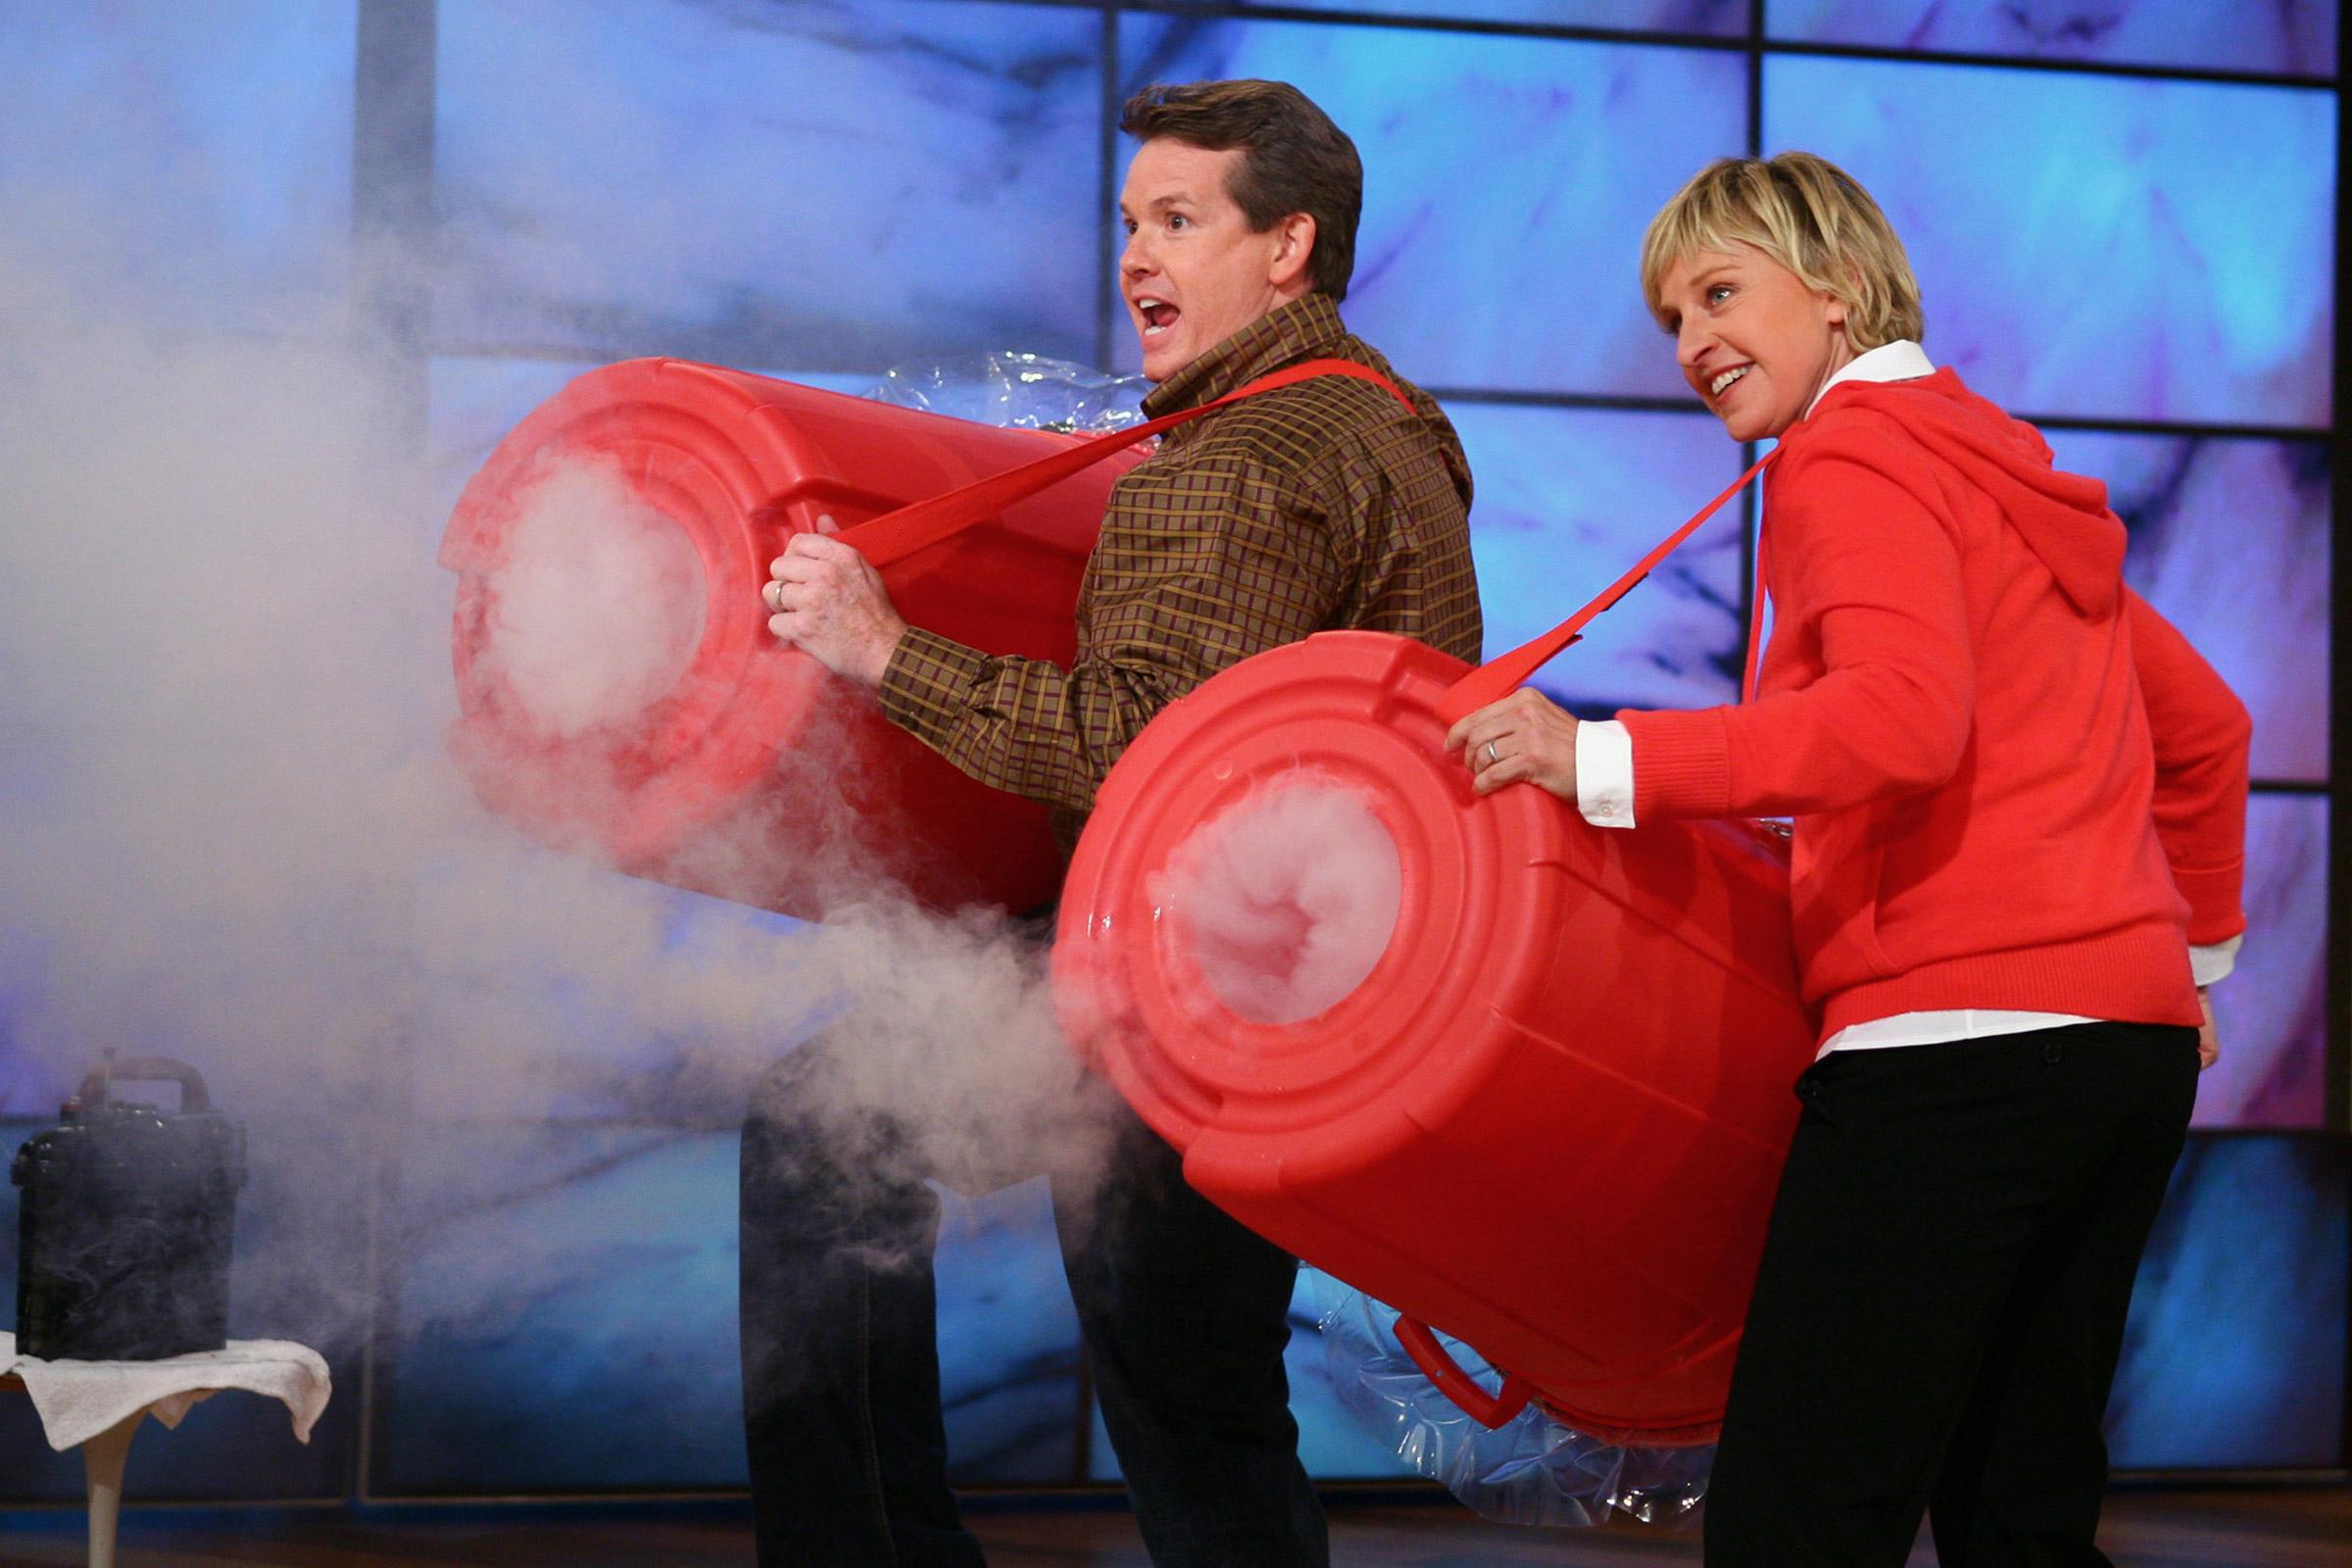 Steve Spangler Shooting Smoke Rings on The Ellen DeGeneres Show